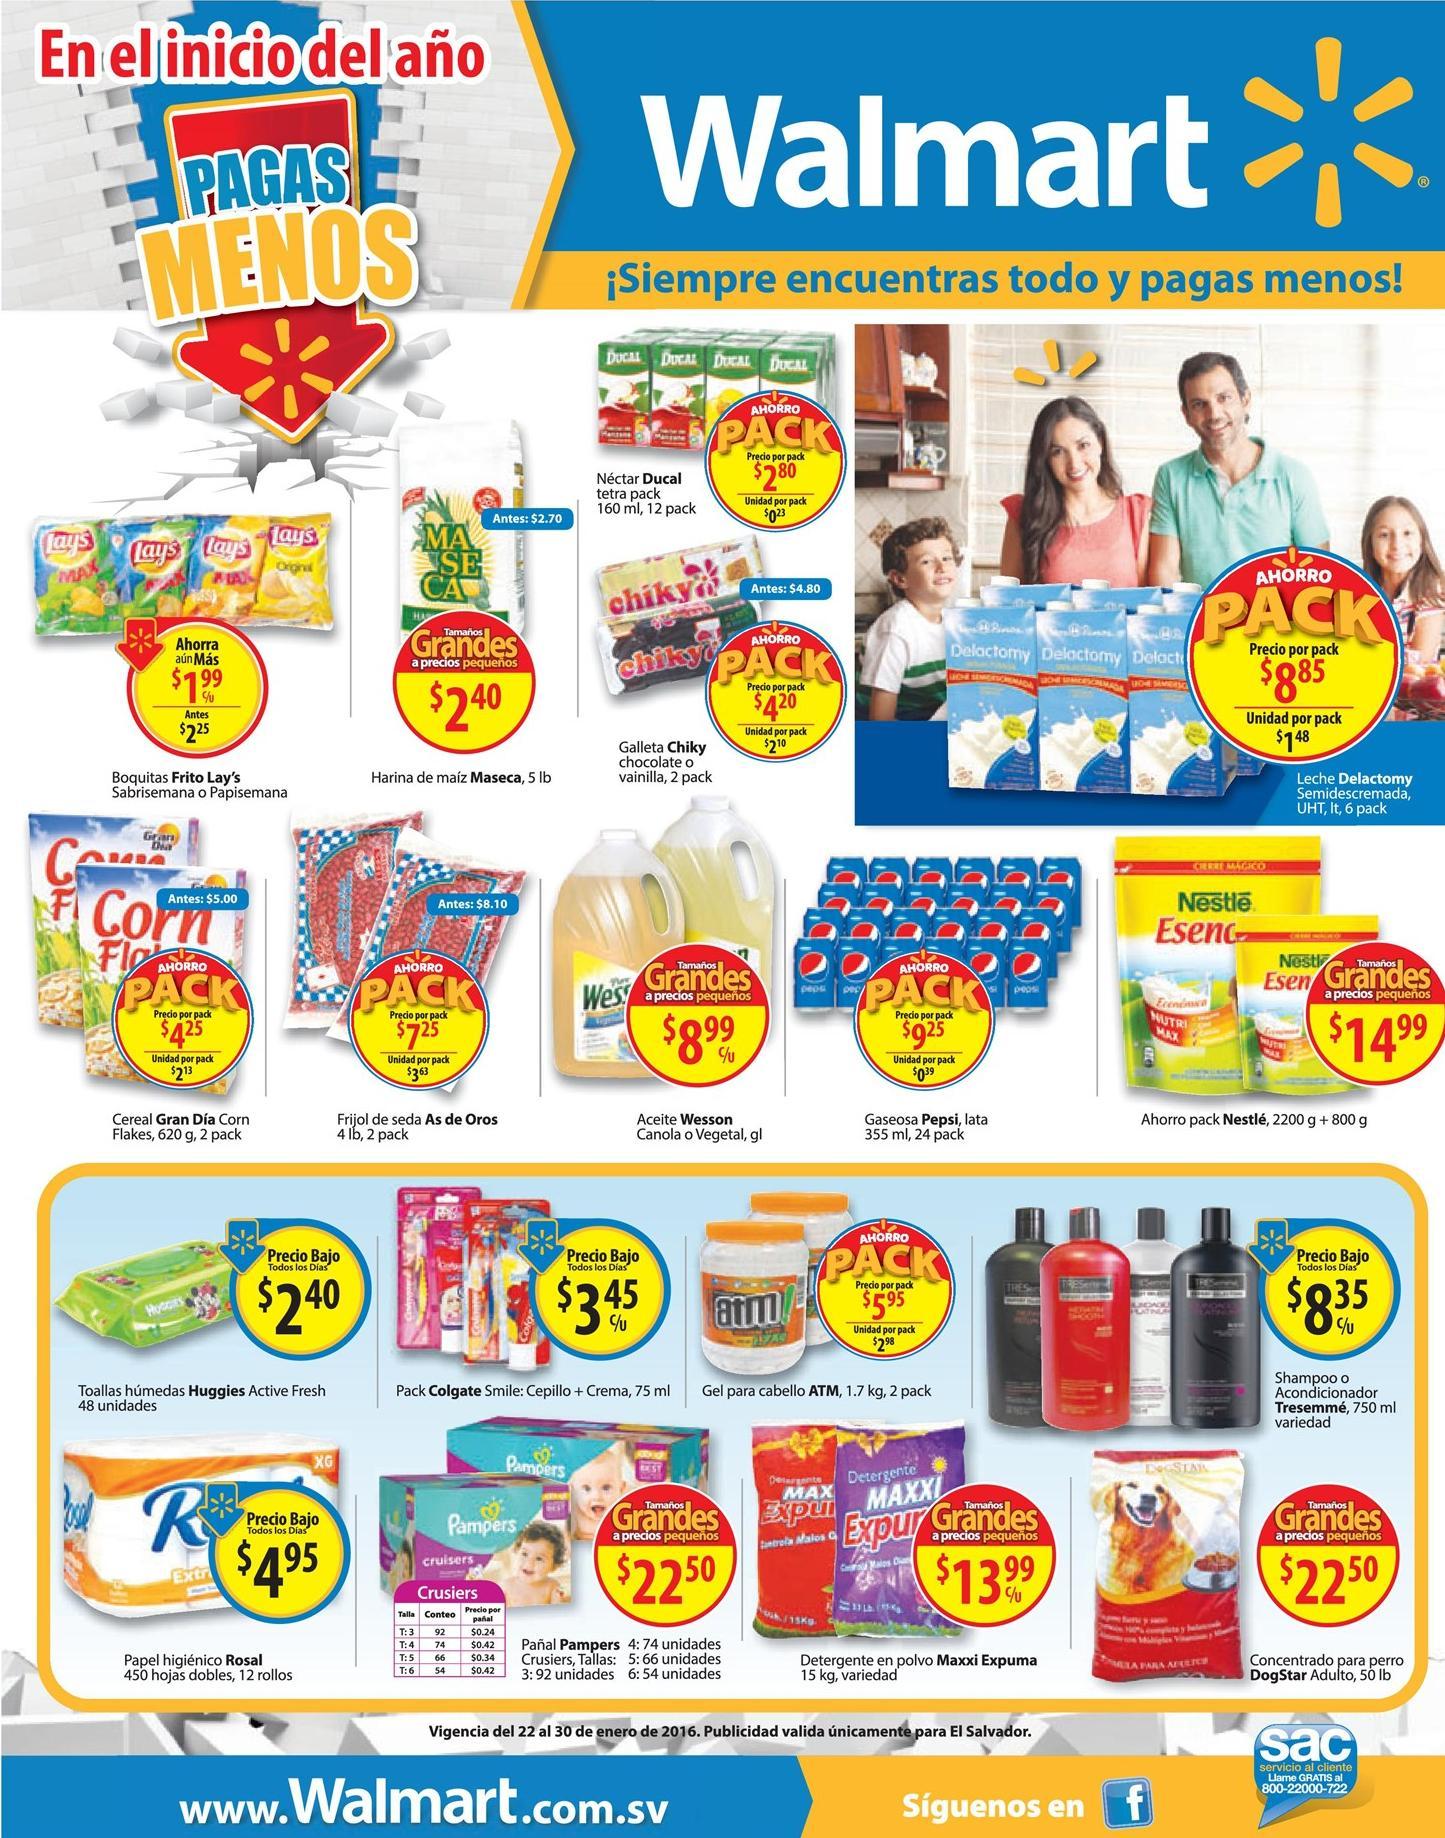 Productos basicos y de uso diario WALMART ofertas enero 2016